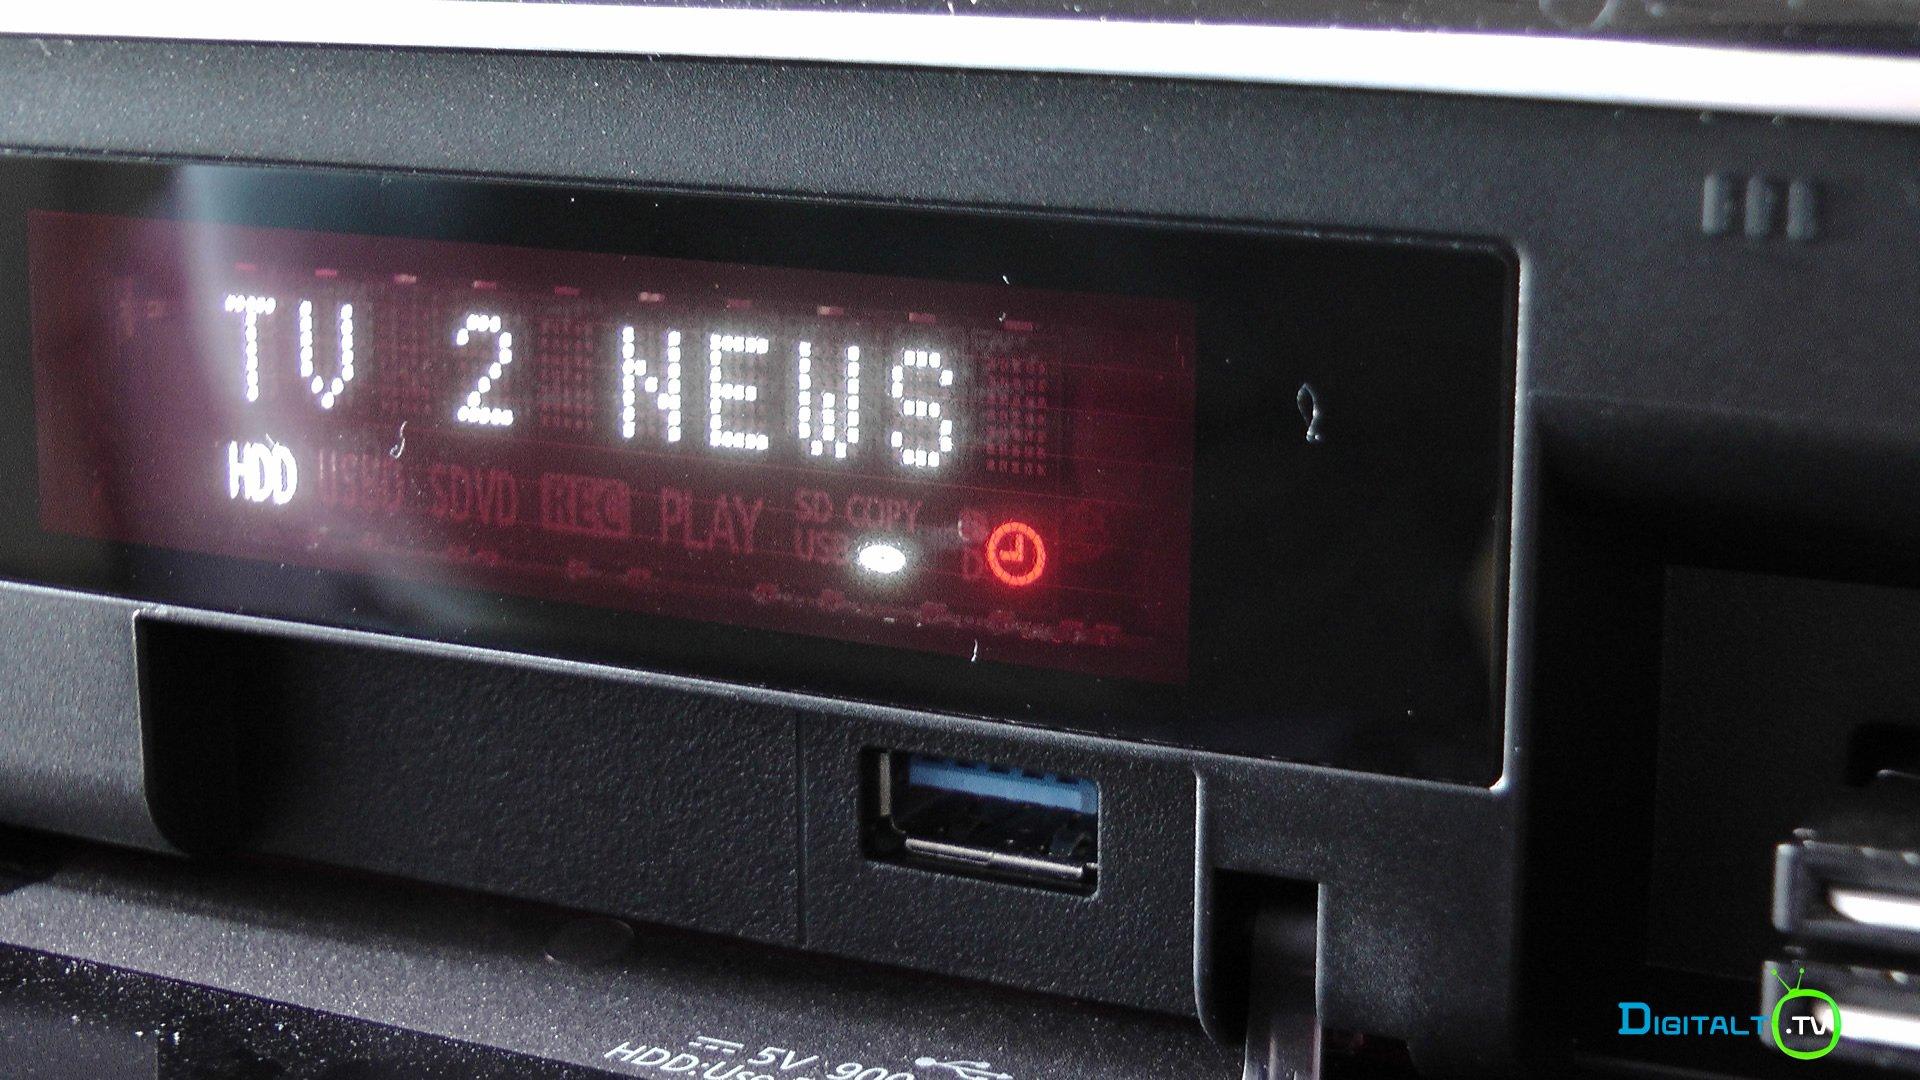 Panasonic DMR UBC86 front open